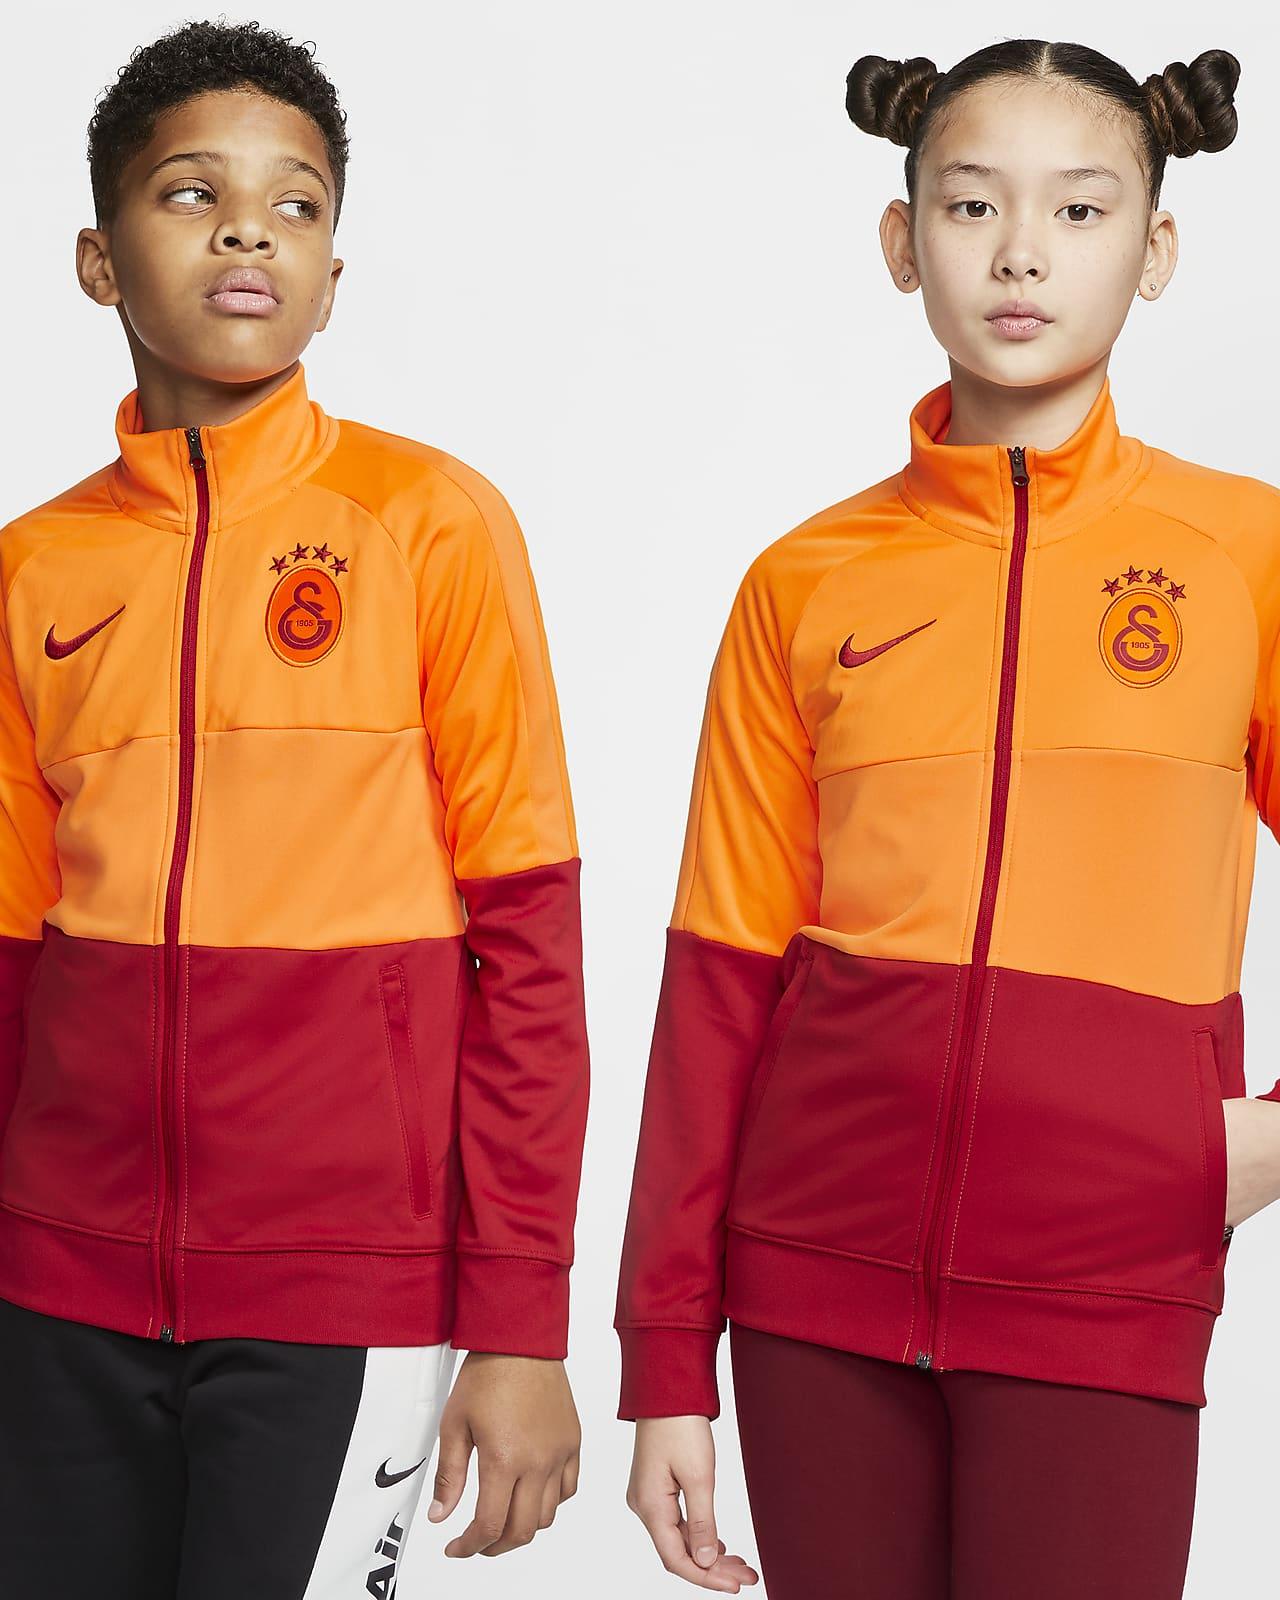 Fotbollsjacka Galatasaray för ungdom